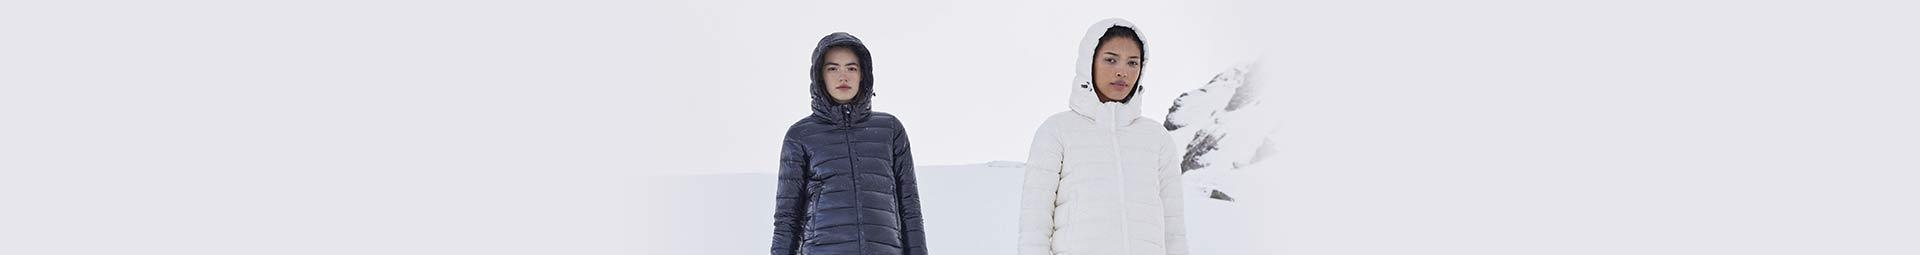 Collection automne hiver pour Femme : doudoune et parka pour être au chaud